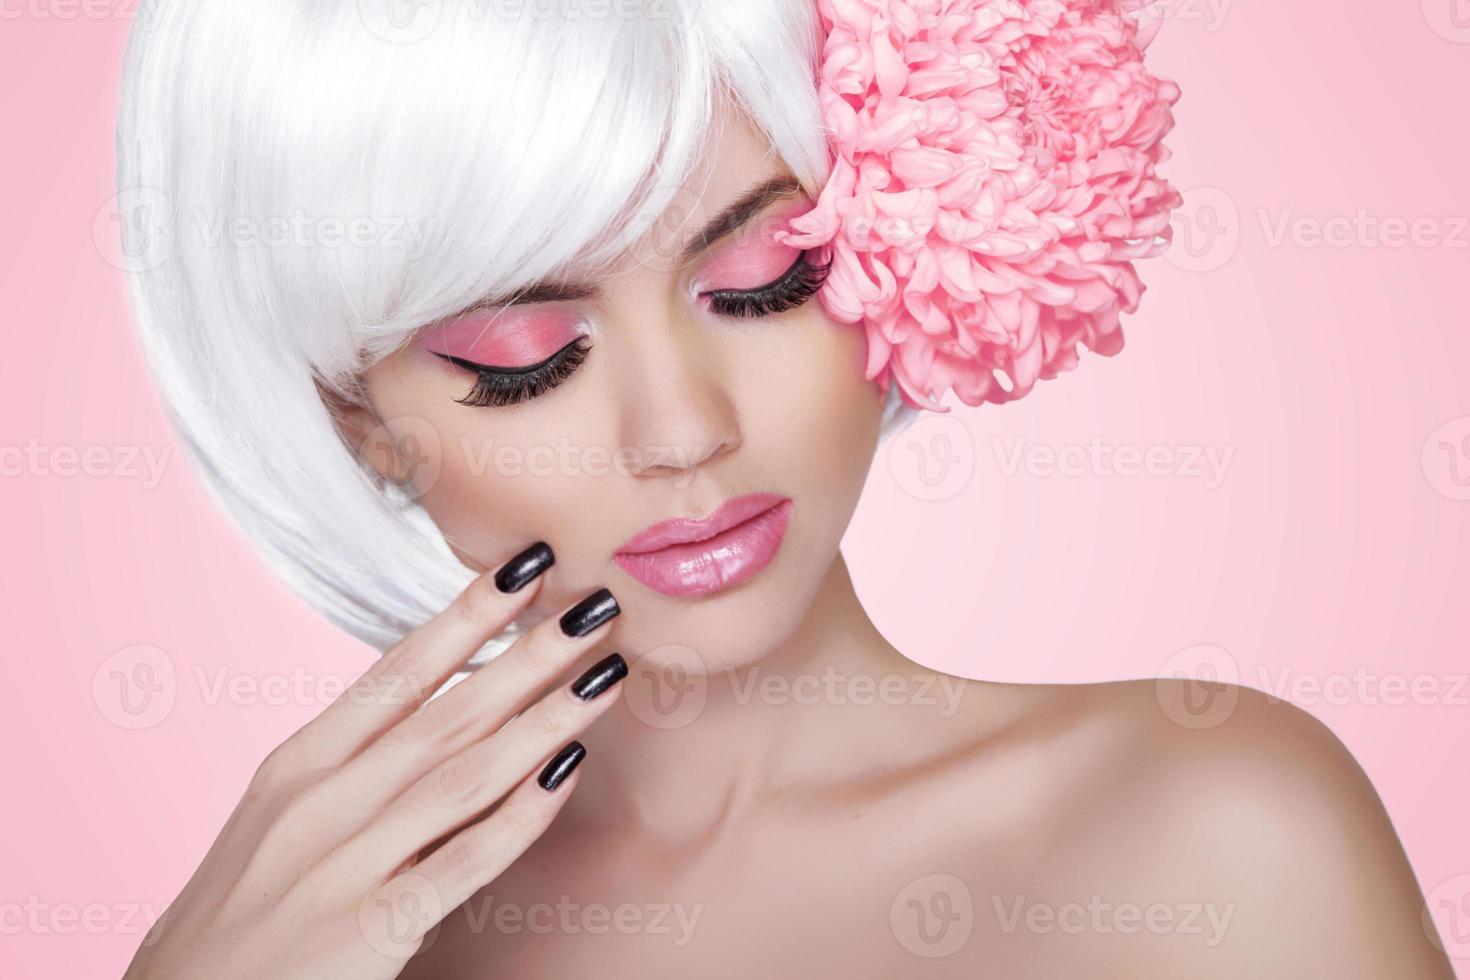 smink. manikurerade naglar. mode skönhet modell porträtt foto